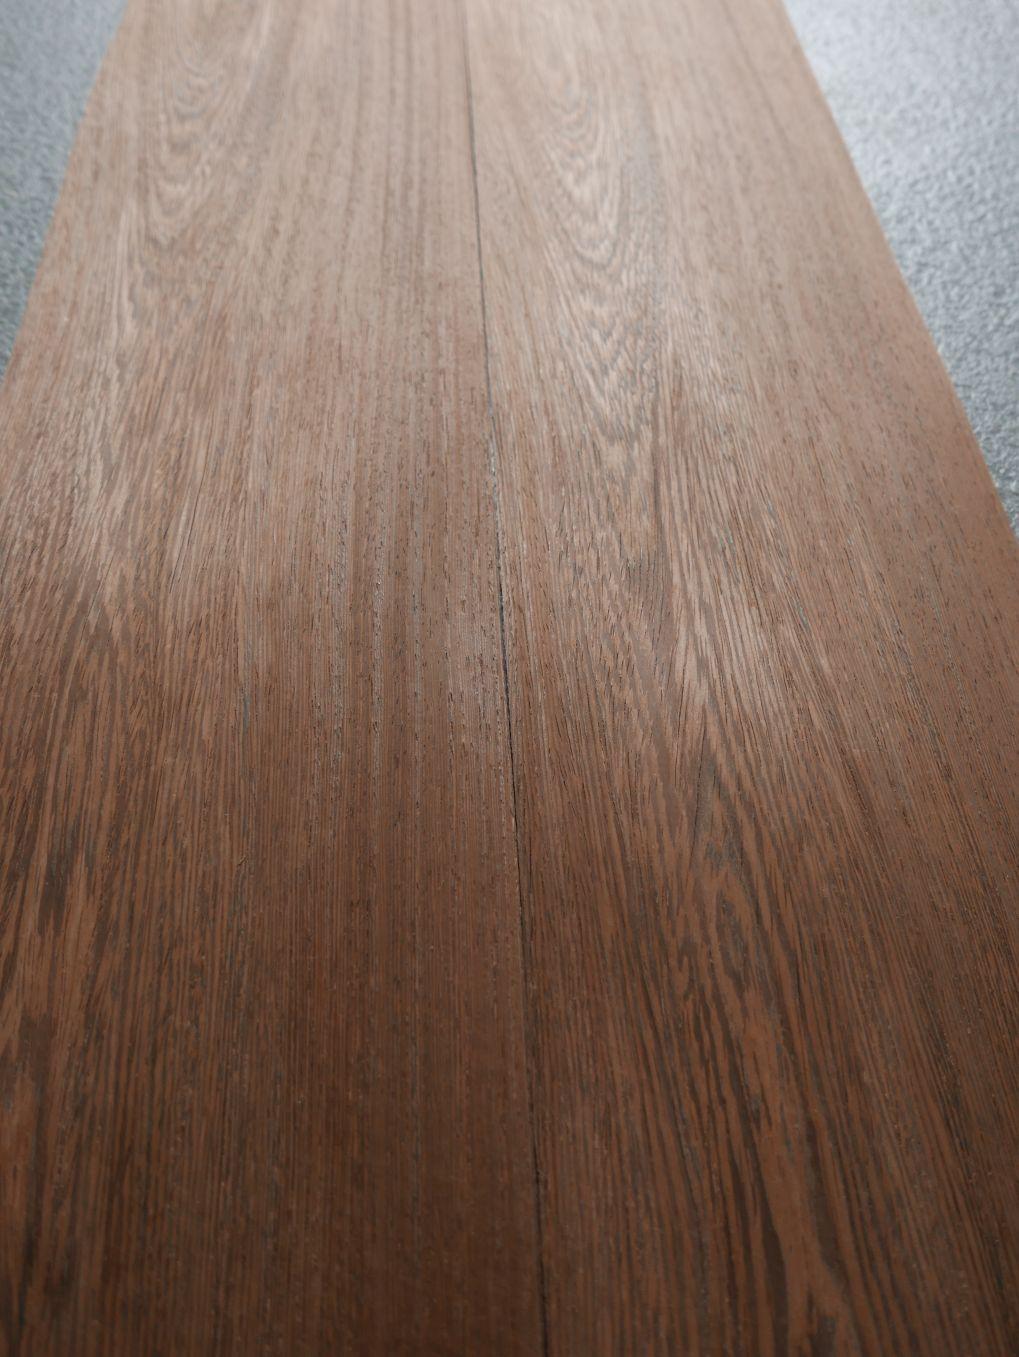 A0163-2 Wenge 22.5x260cm 17st